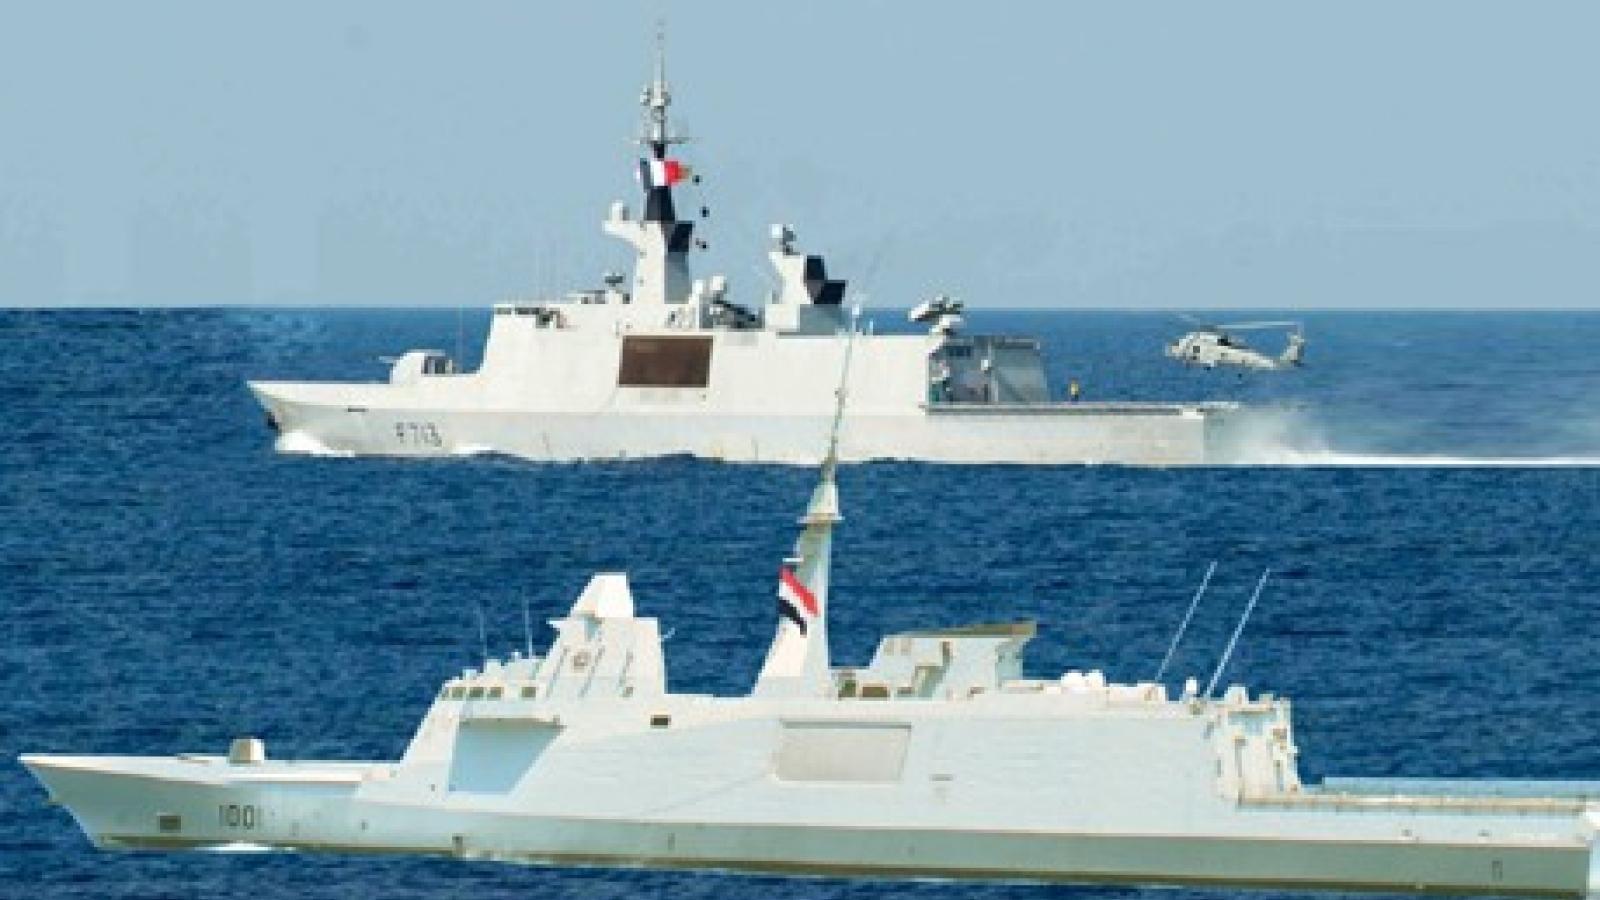 Ai Cập và Pháp tập trận chung trên vùng biển Địa Trung Hải